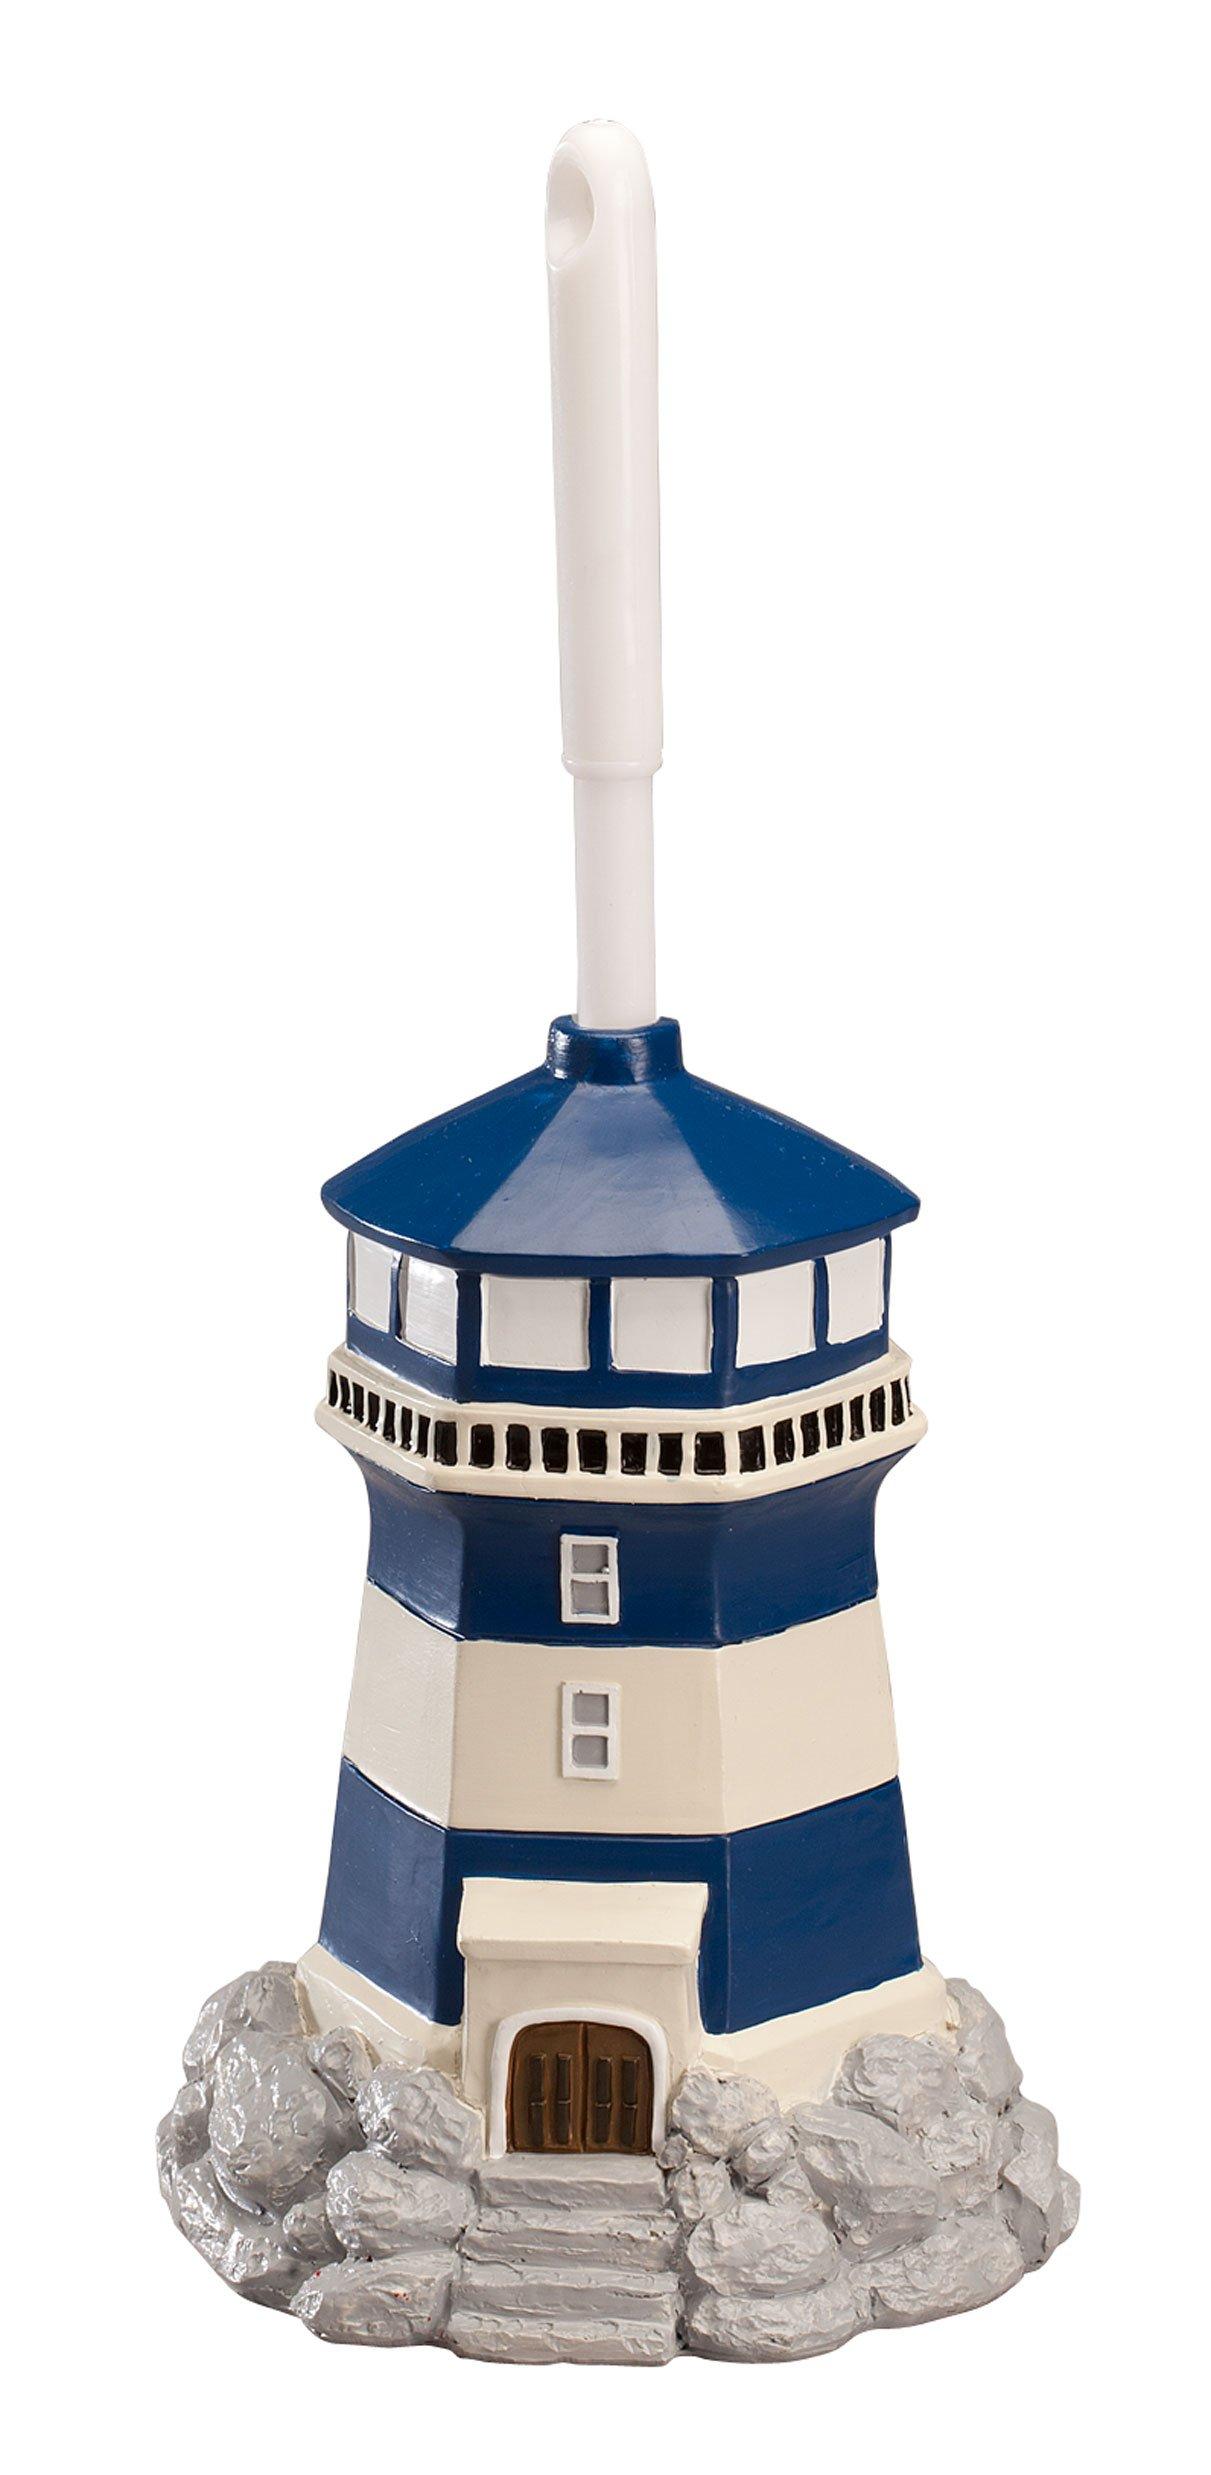 Fox Valley Traders Lighthouse Toilet Brush Holder & Brush by OakRidgeTM